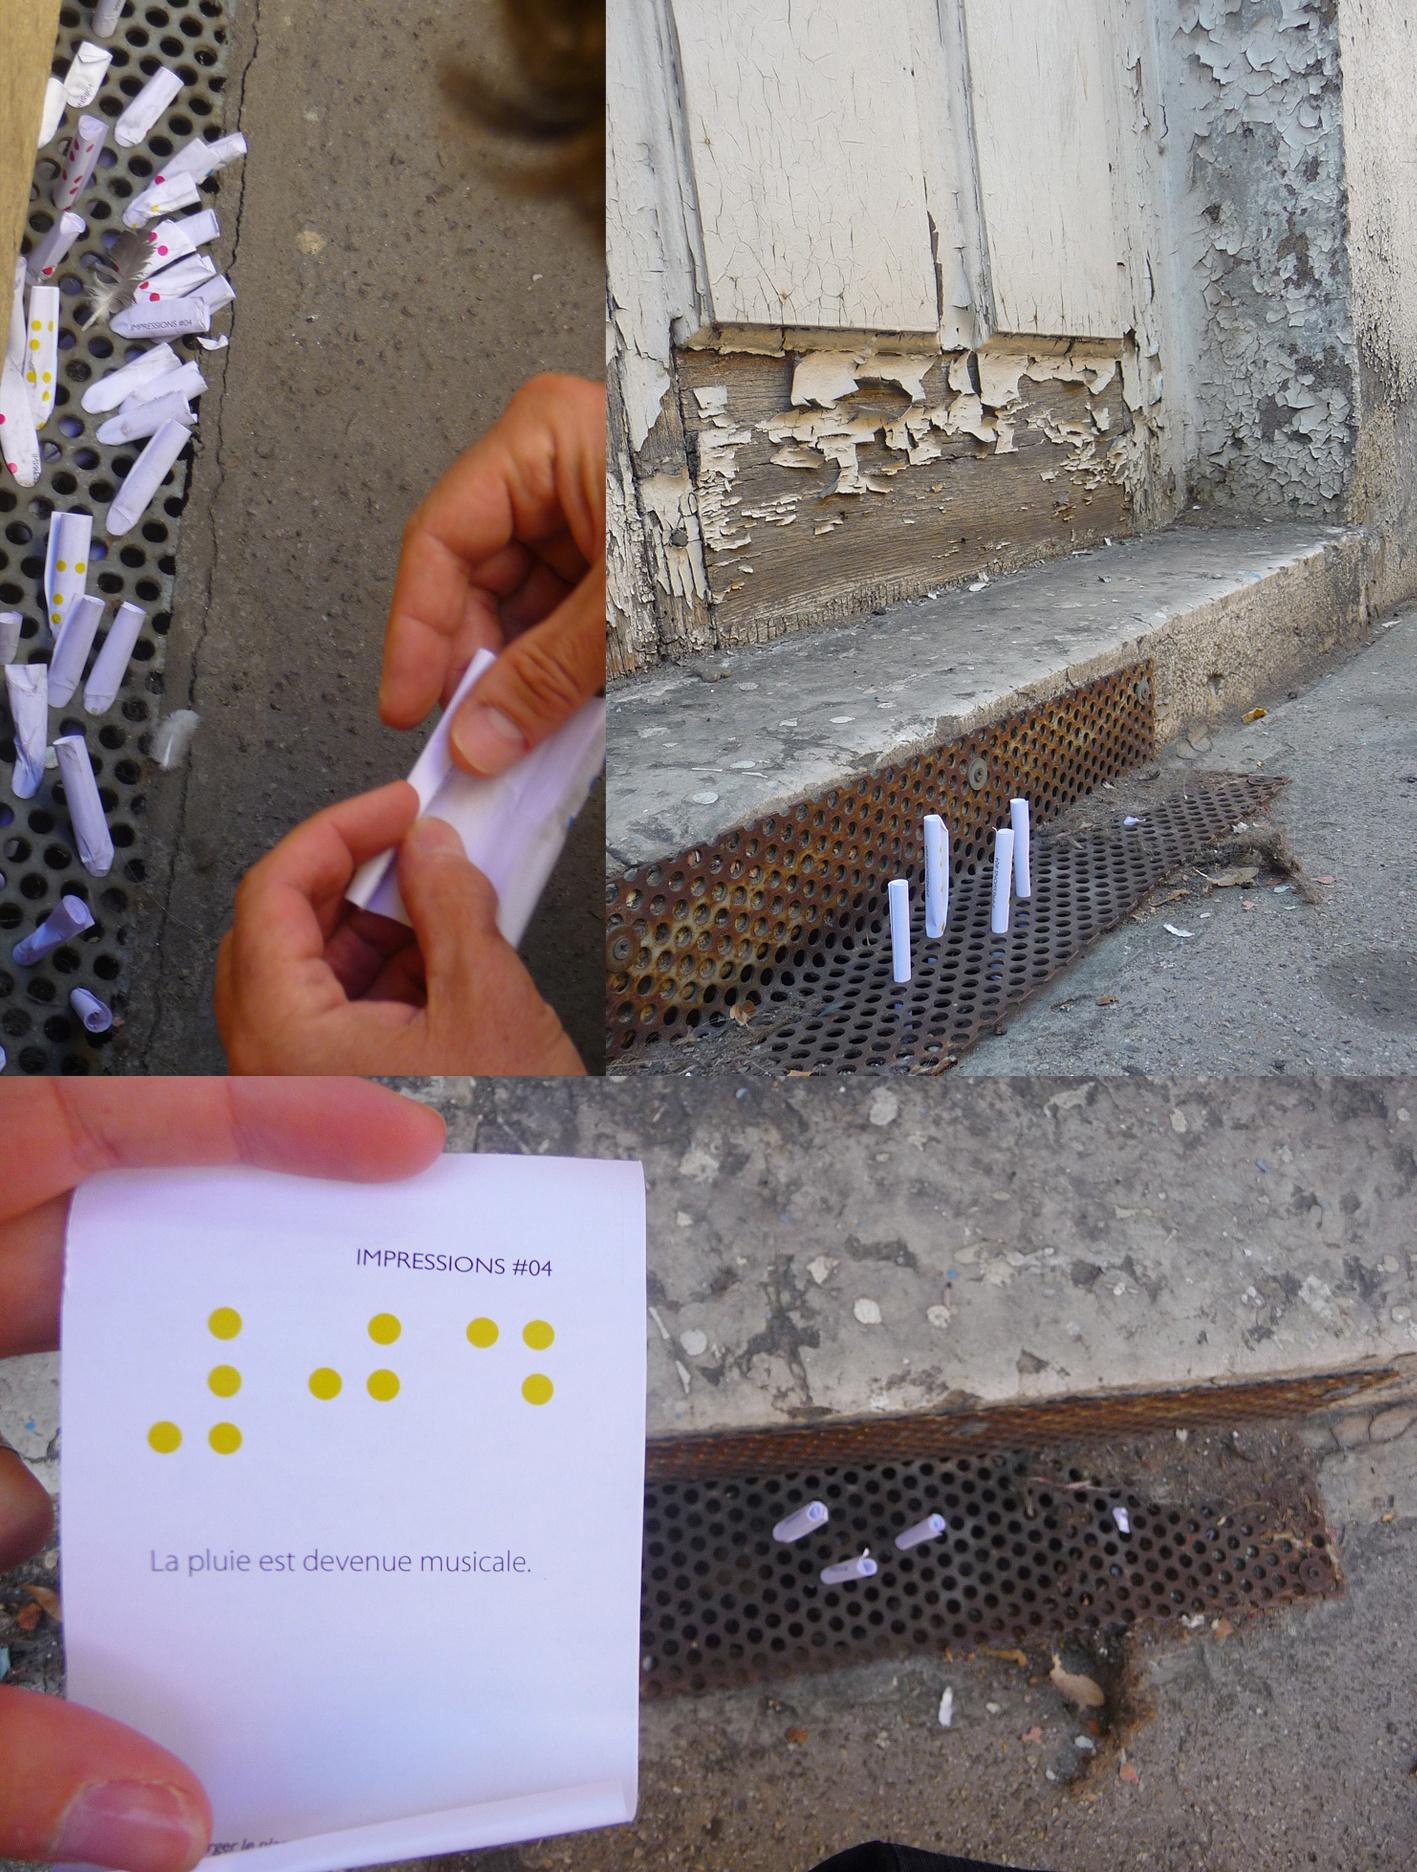 Installation de papiers dans l'espace public